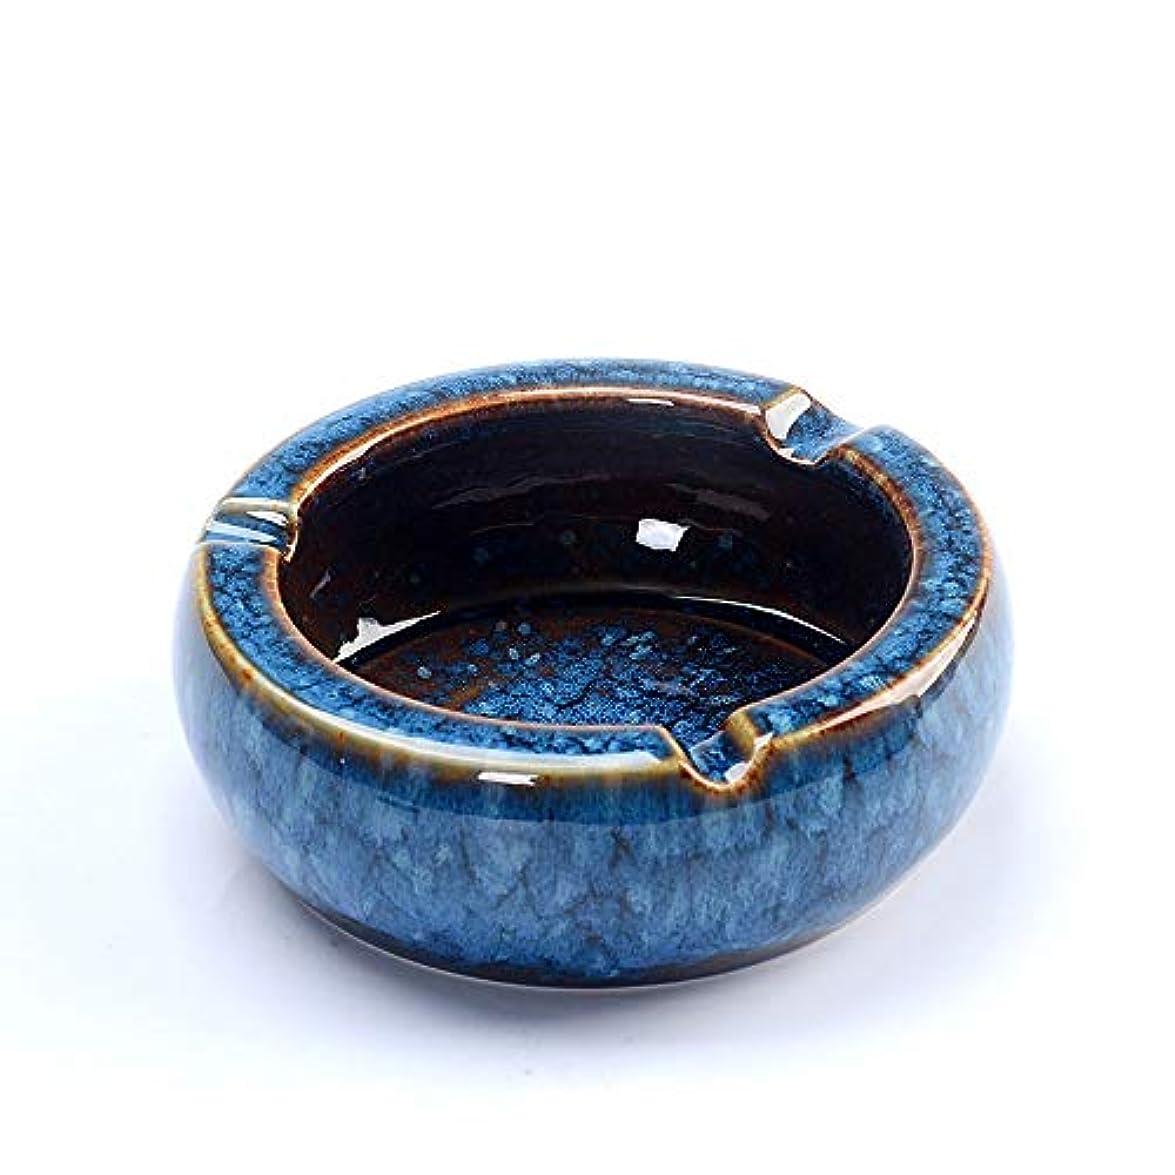 杭塩辛いタバコ、ギフトおよび総本店の装飾のための灰皿円形の光沢のあるセラミック灰皿 (色 : 青)